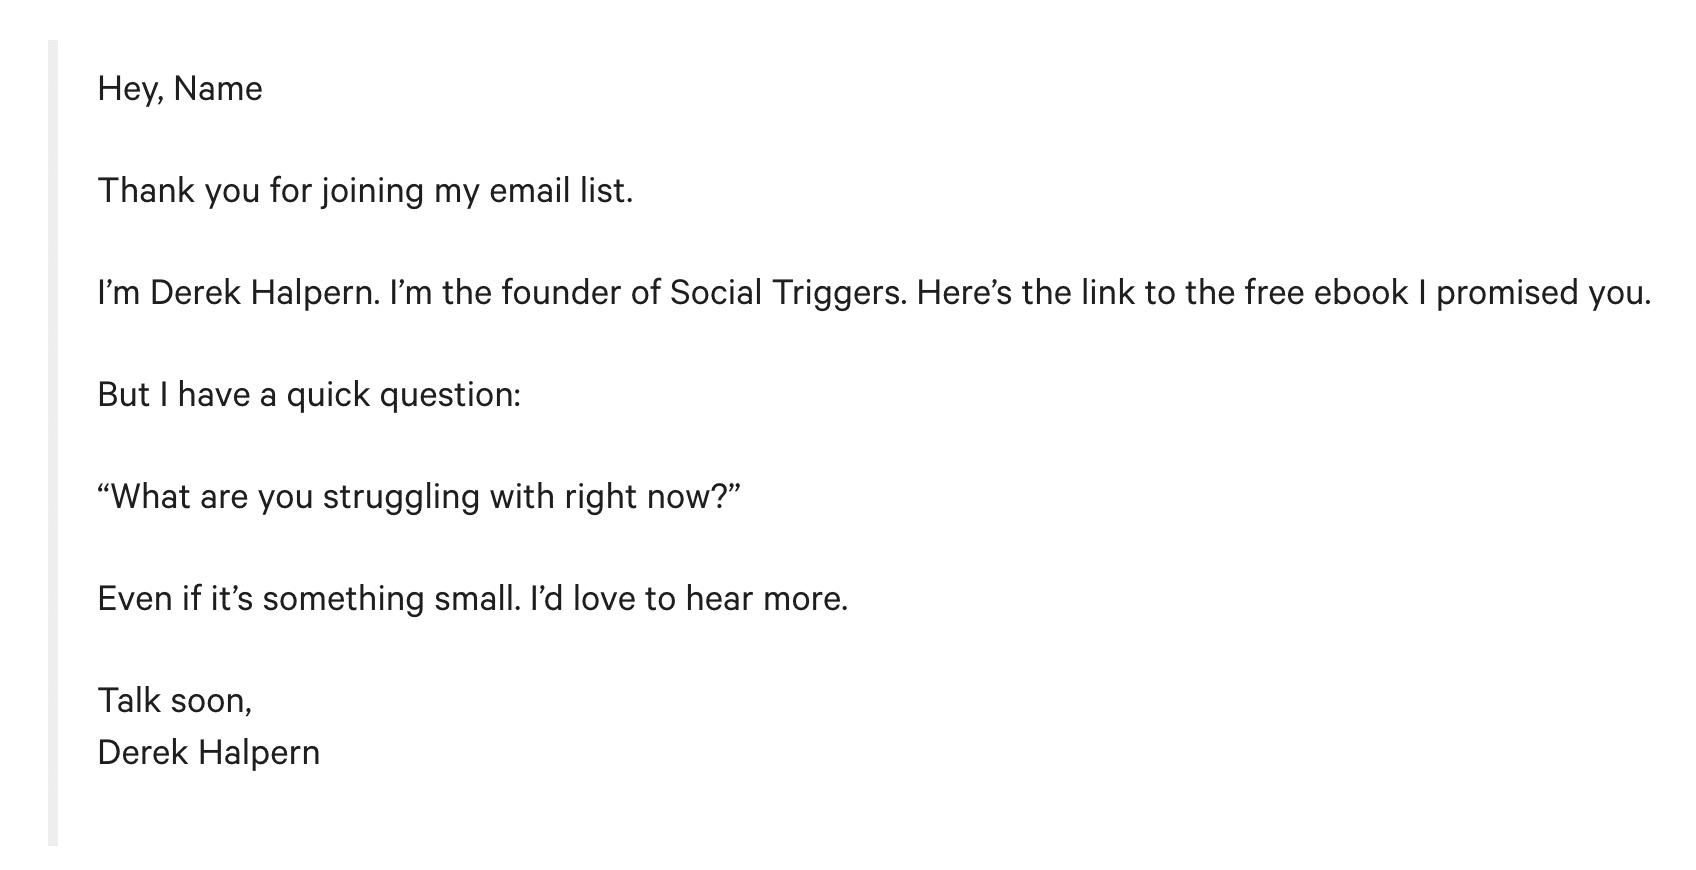 Exemplo de e-mail de boas-vindas no Mailchimp